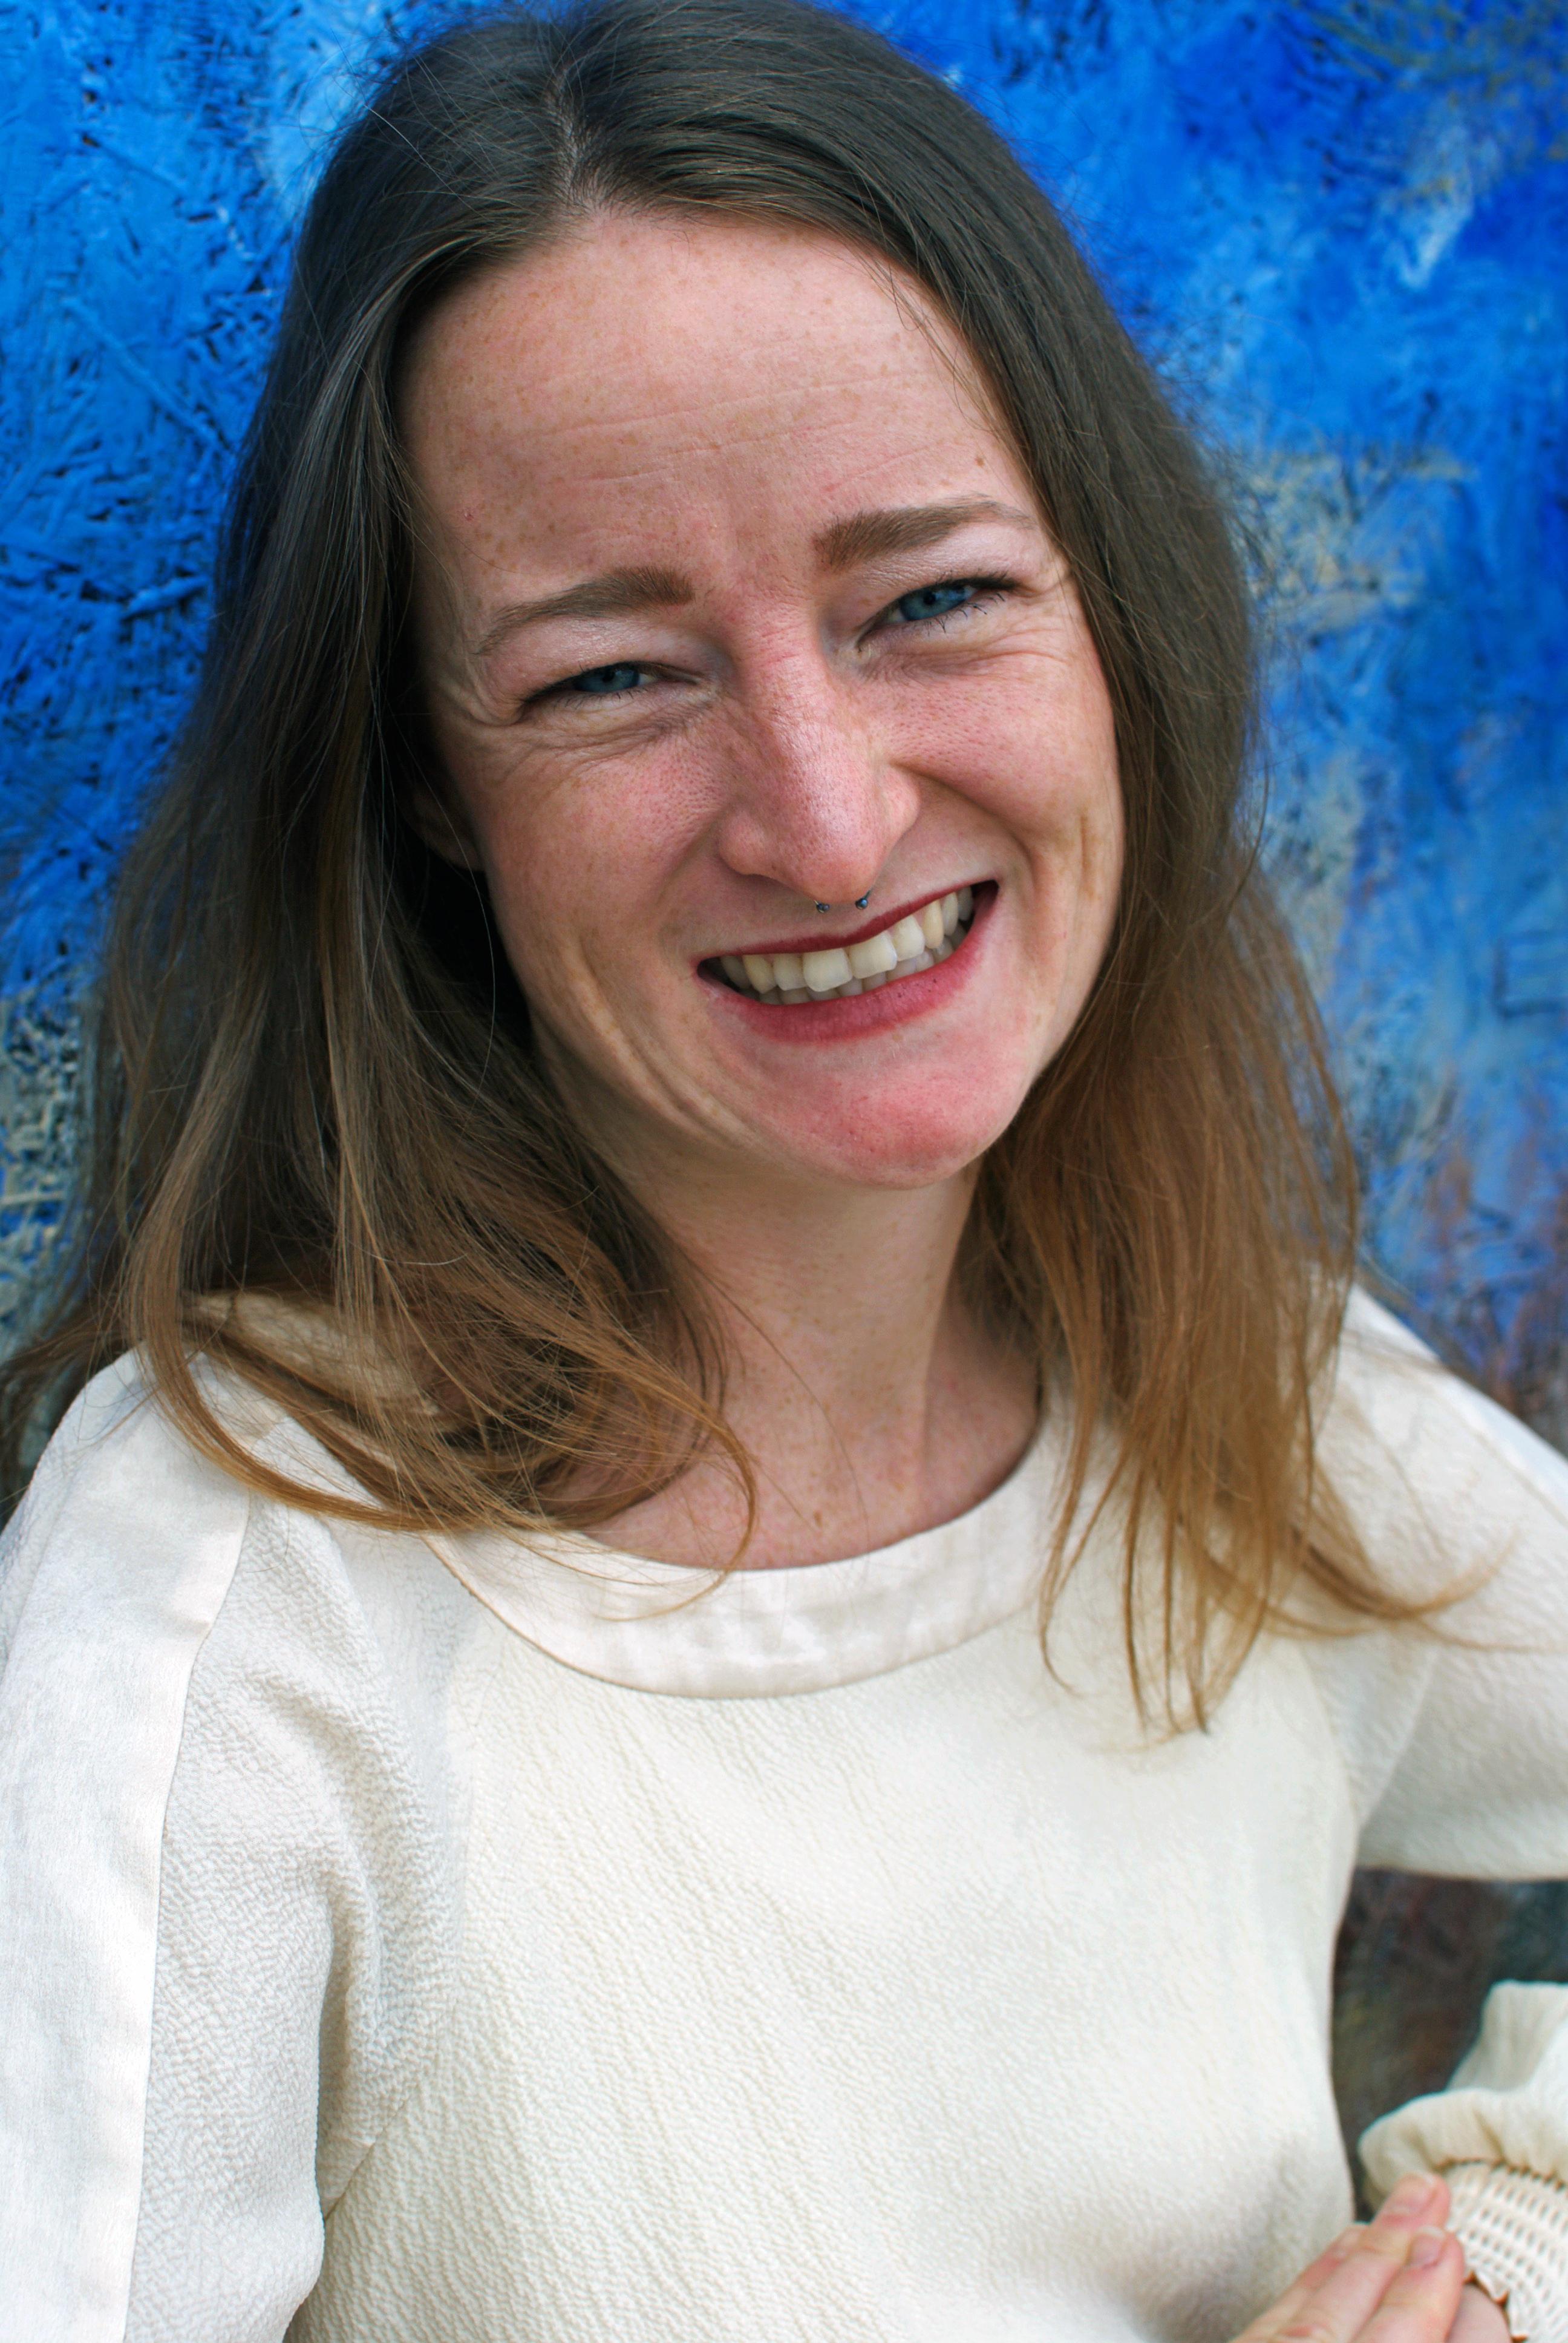 Kristen Woods